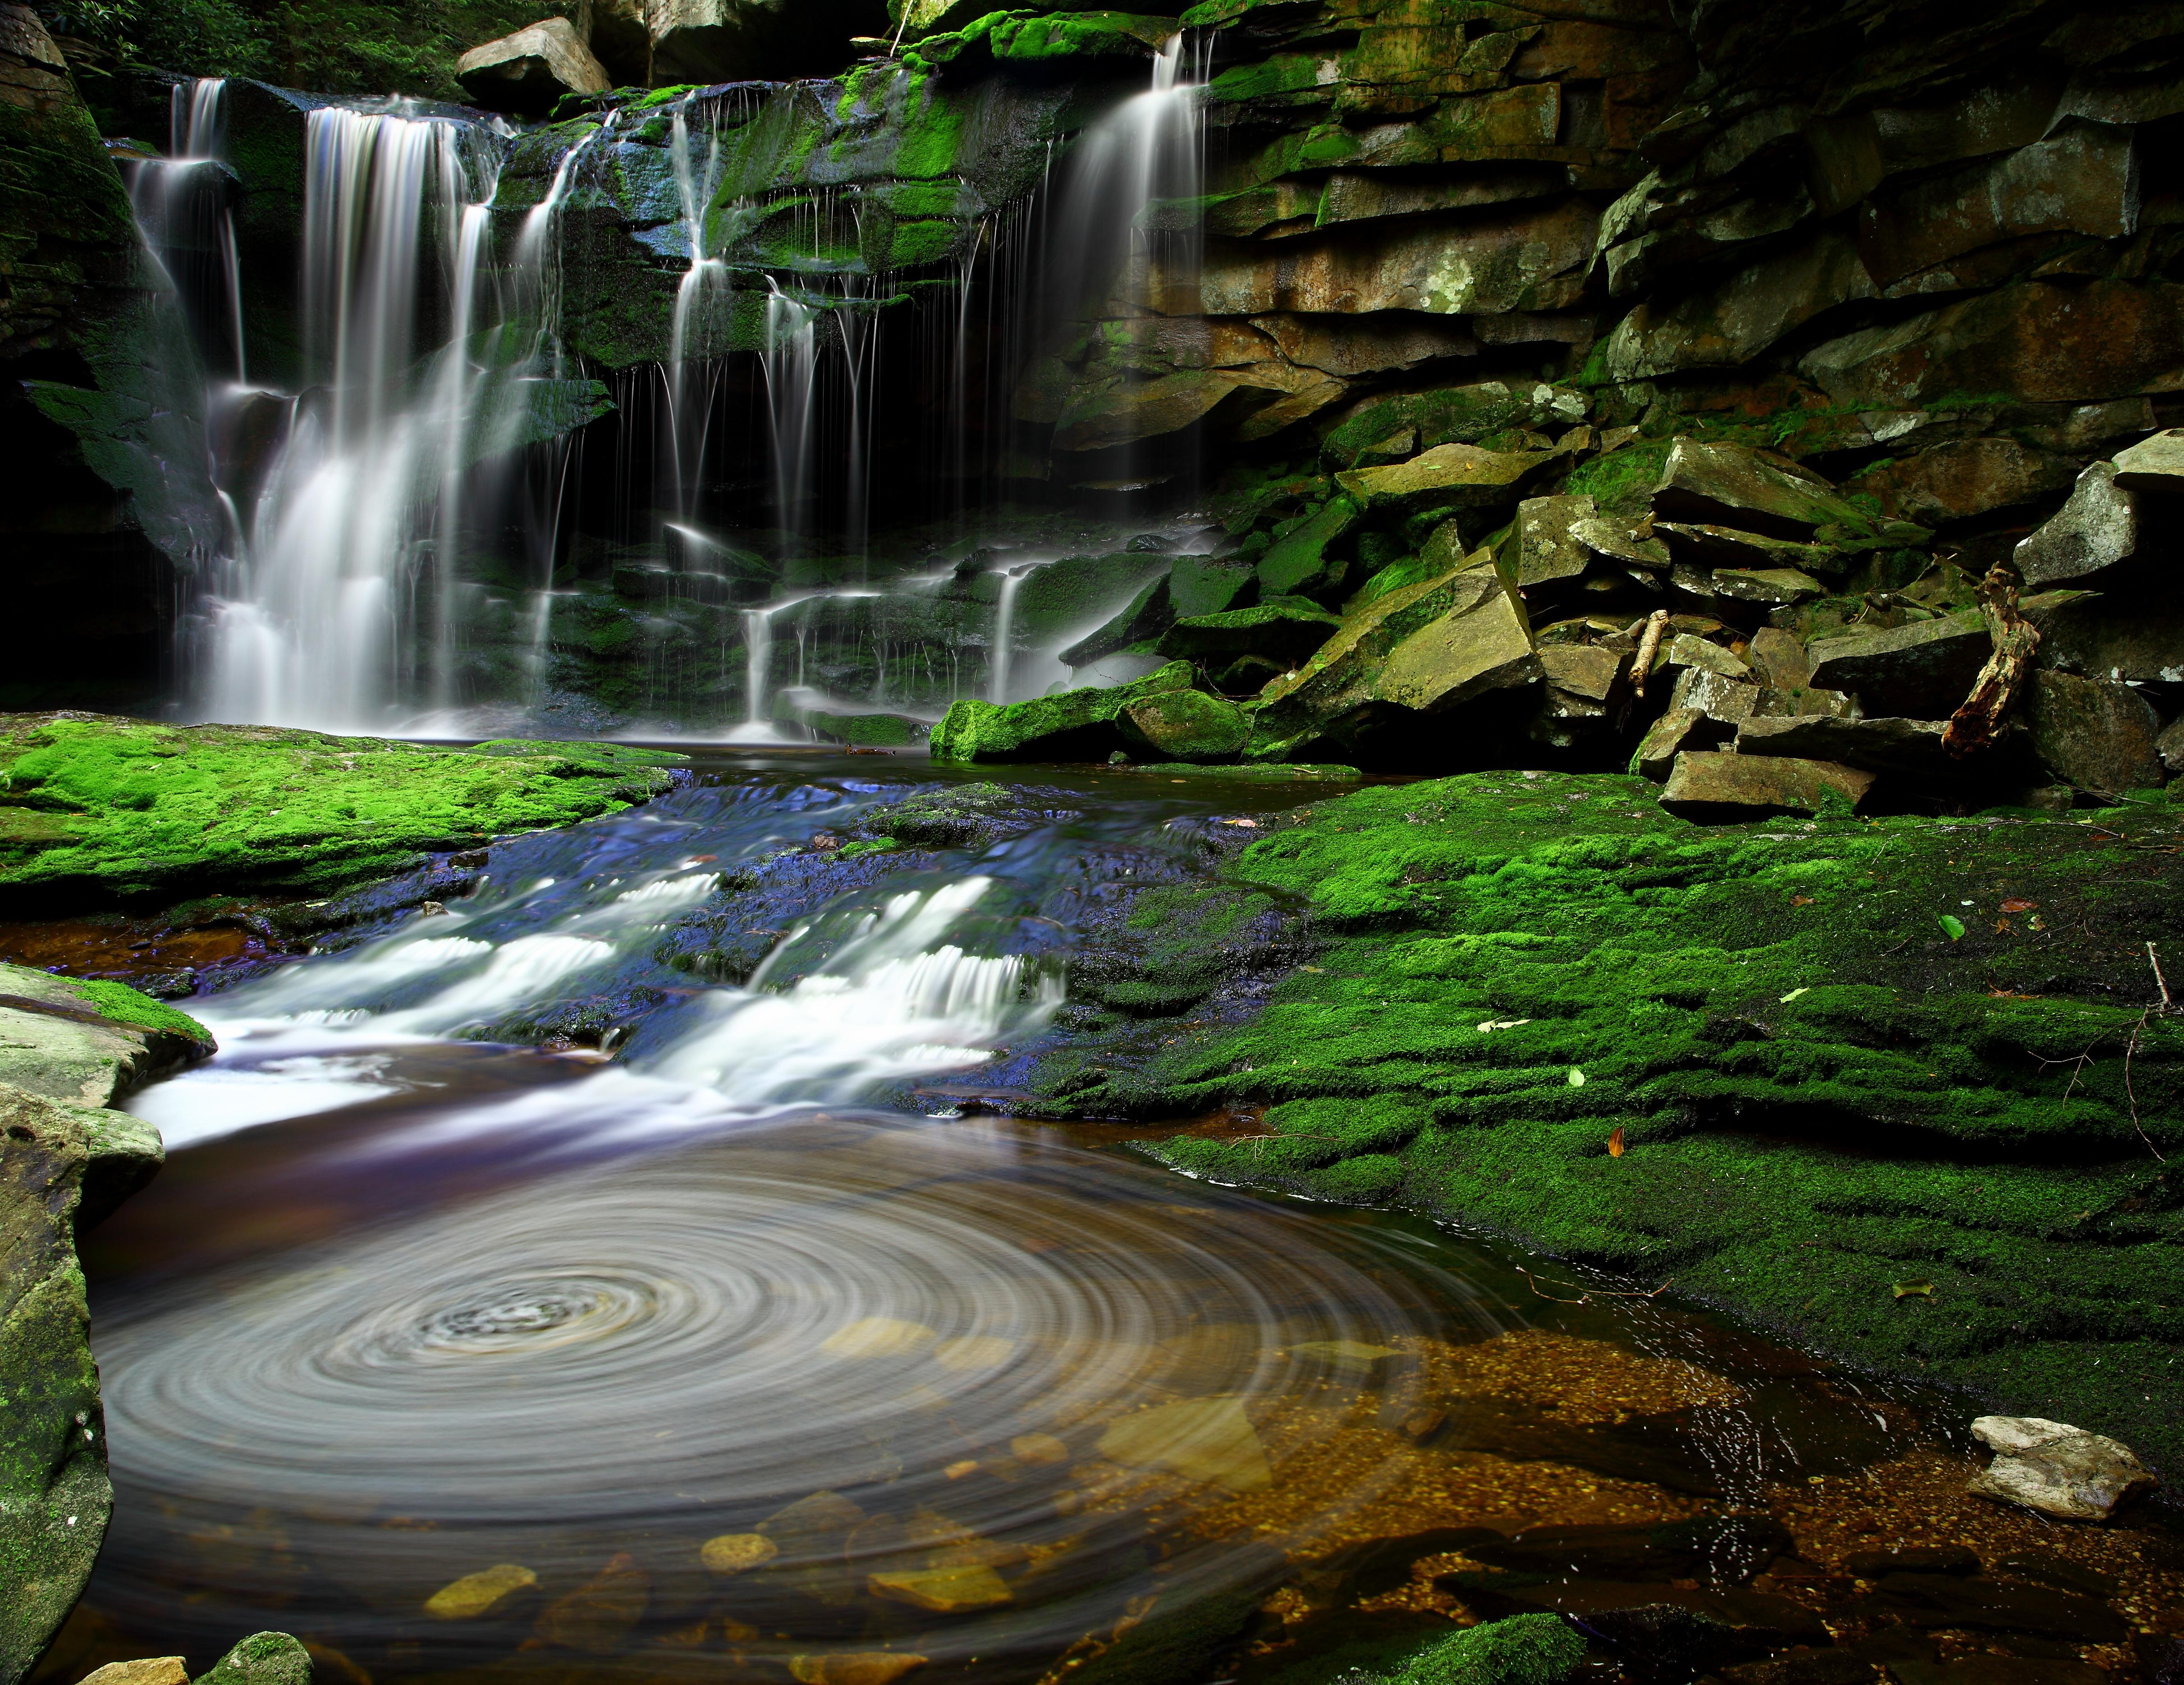 أجمل الشلالات, أجمل, أفضل الصور الطبيعية,